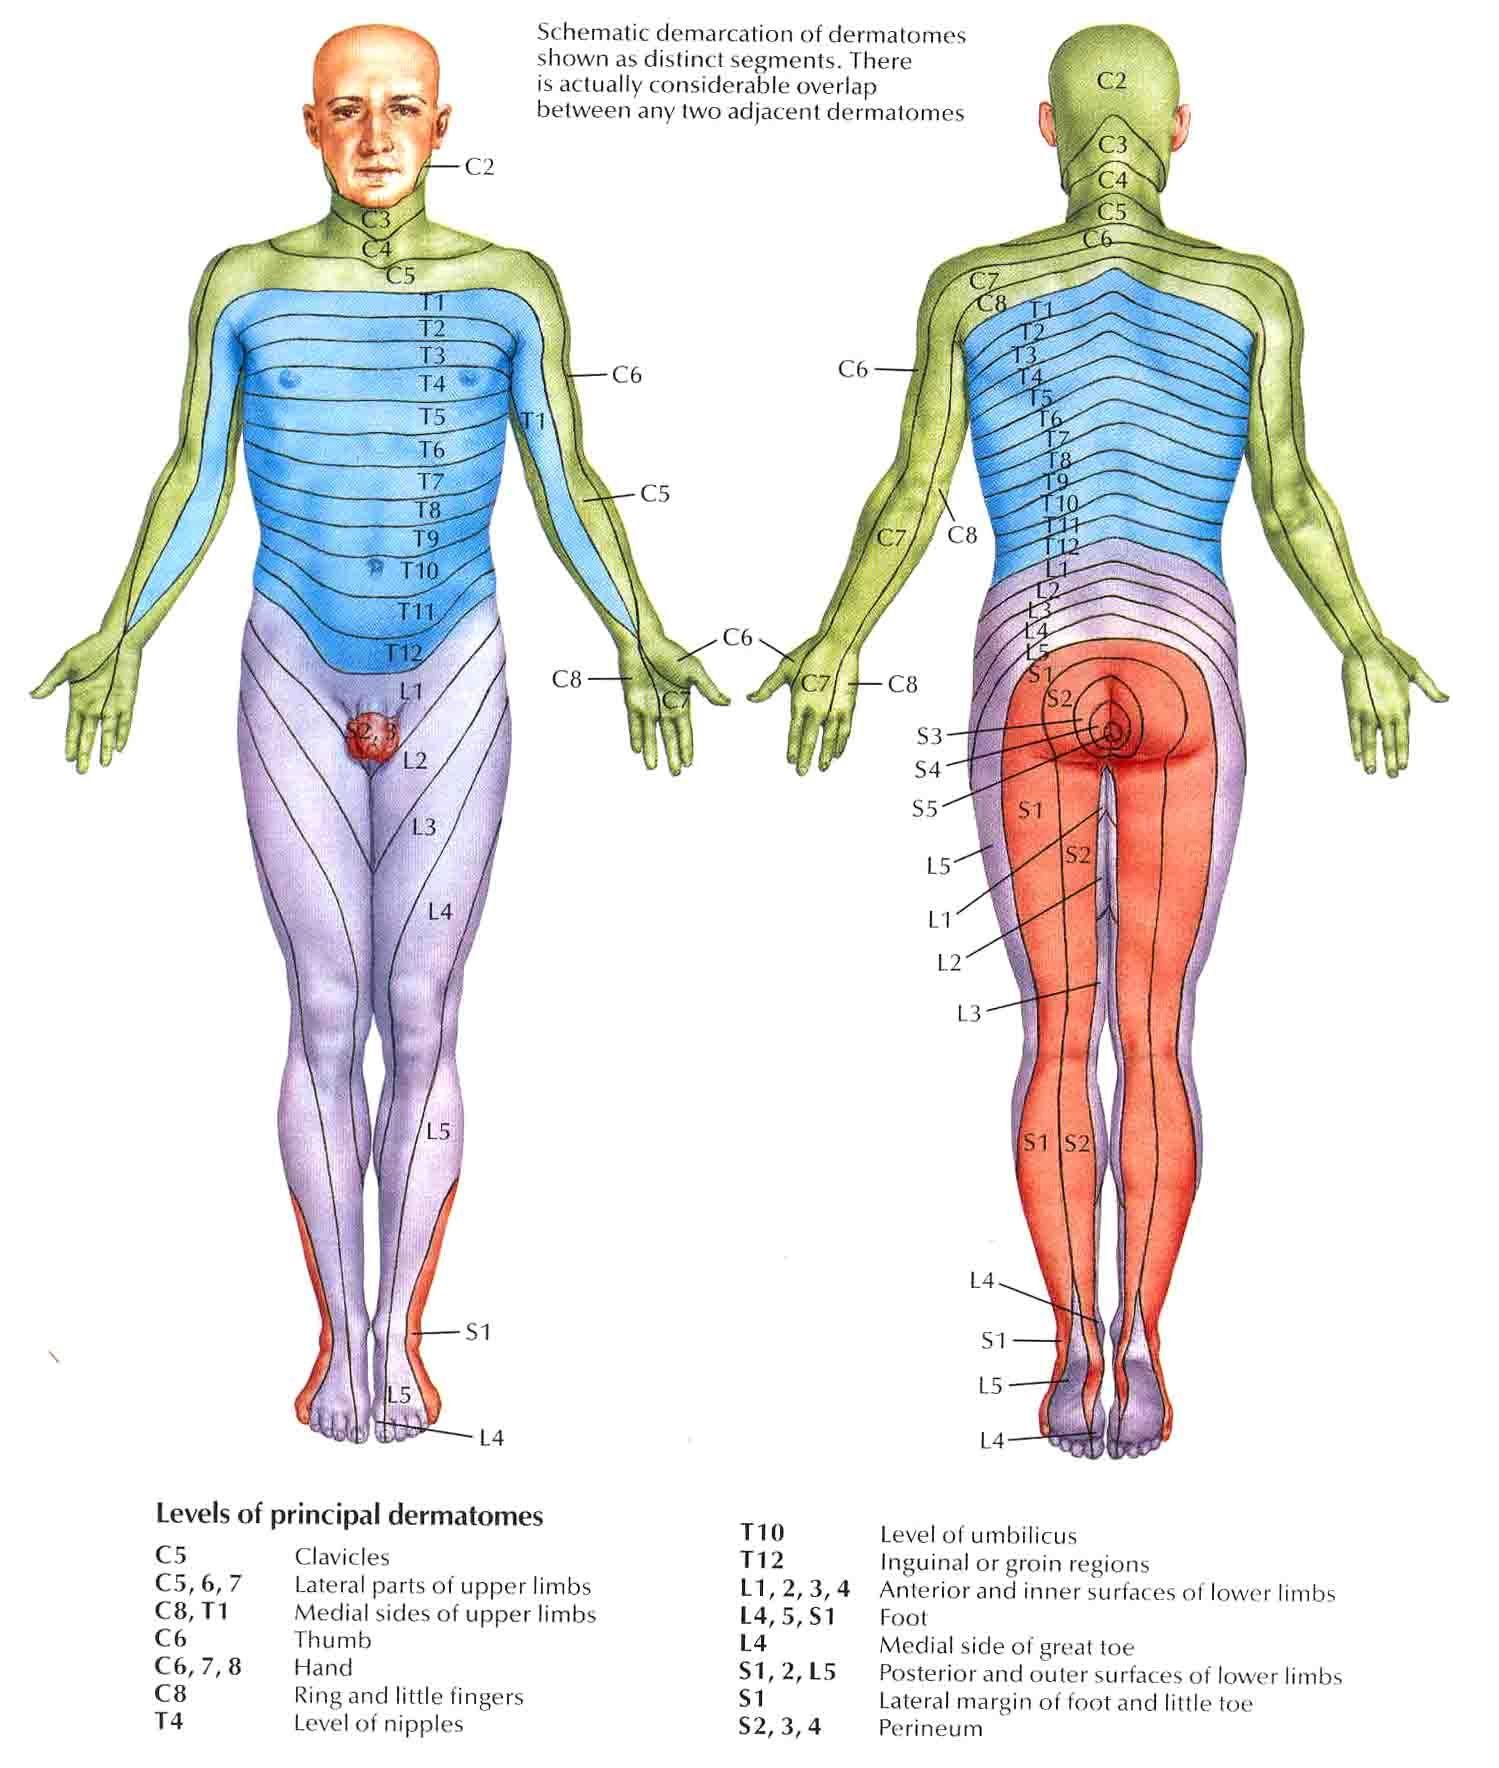 Pin de Diego Herrera en dermatomas | Pinterest | Fisiología ...